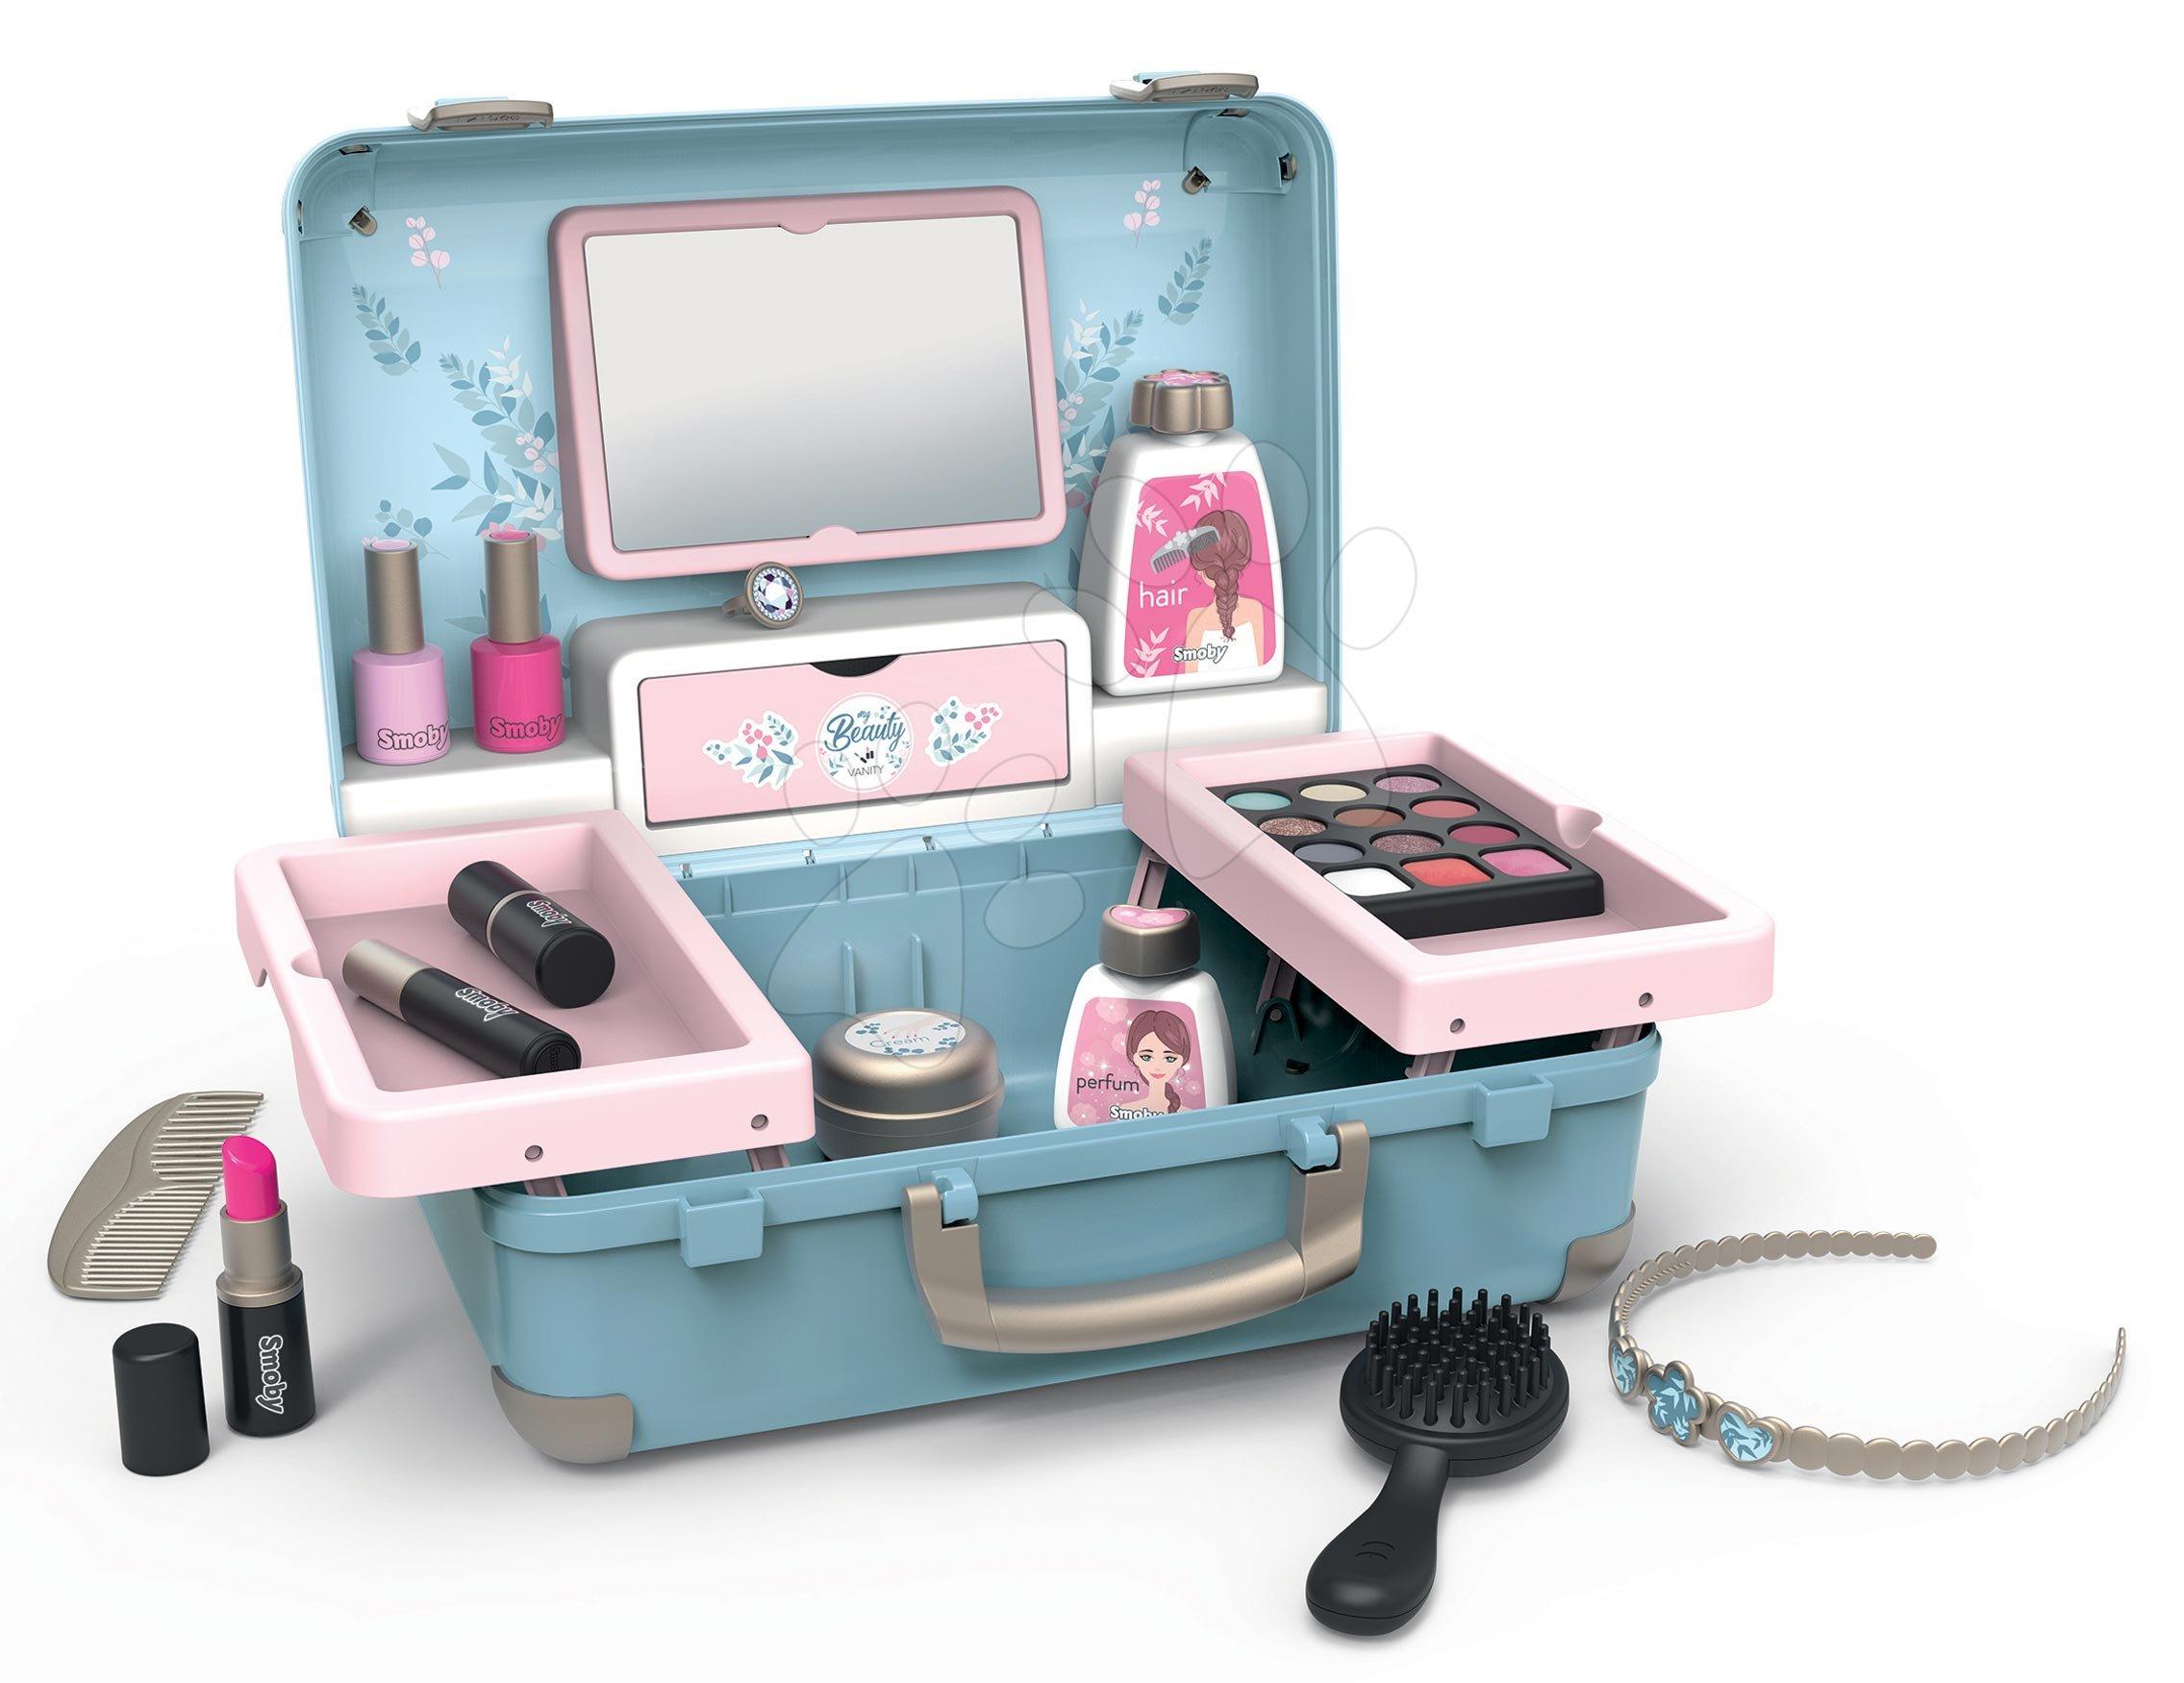 Kosmetický kufřík My Beauty Vanity 3in1 Smoby kadeřnictví a kosmetika s nehtovým studiem s 13 doplňky